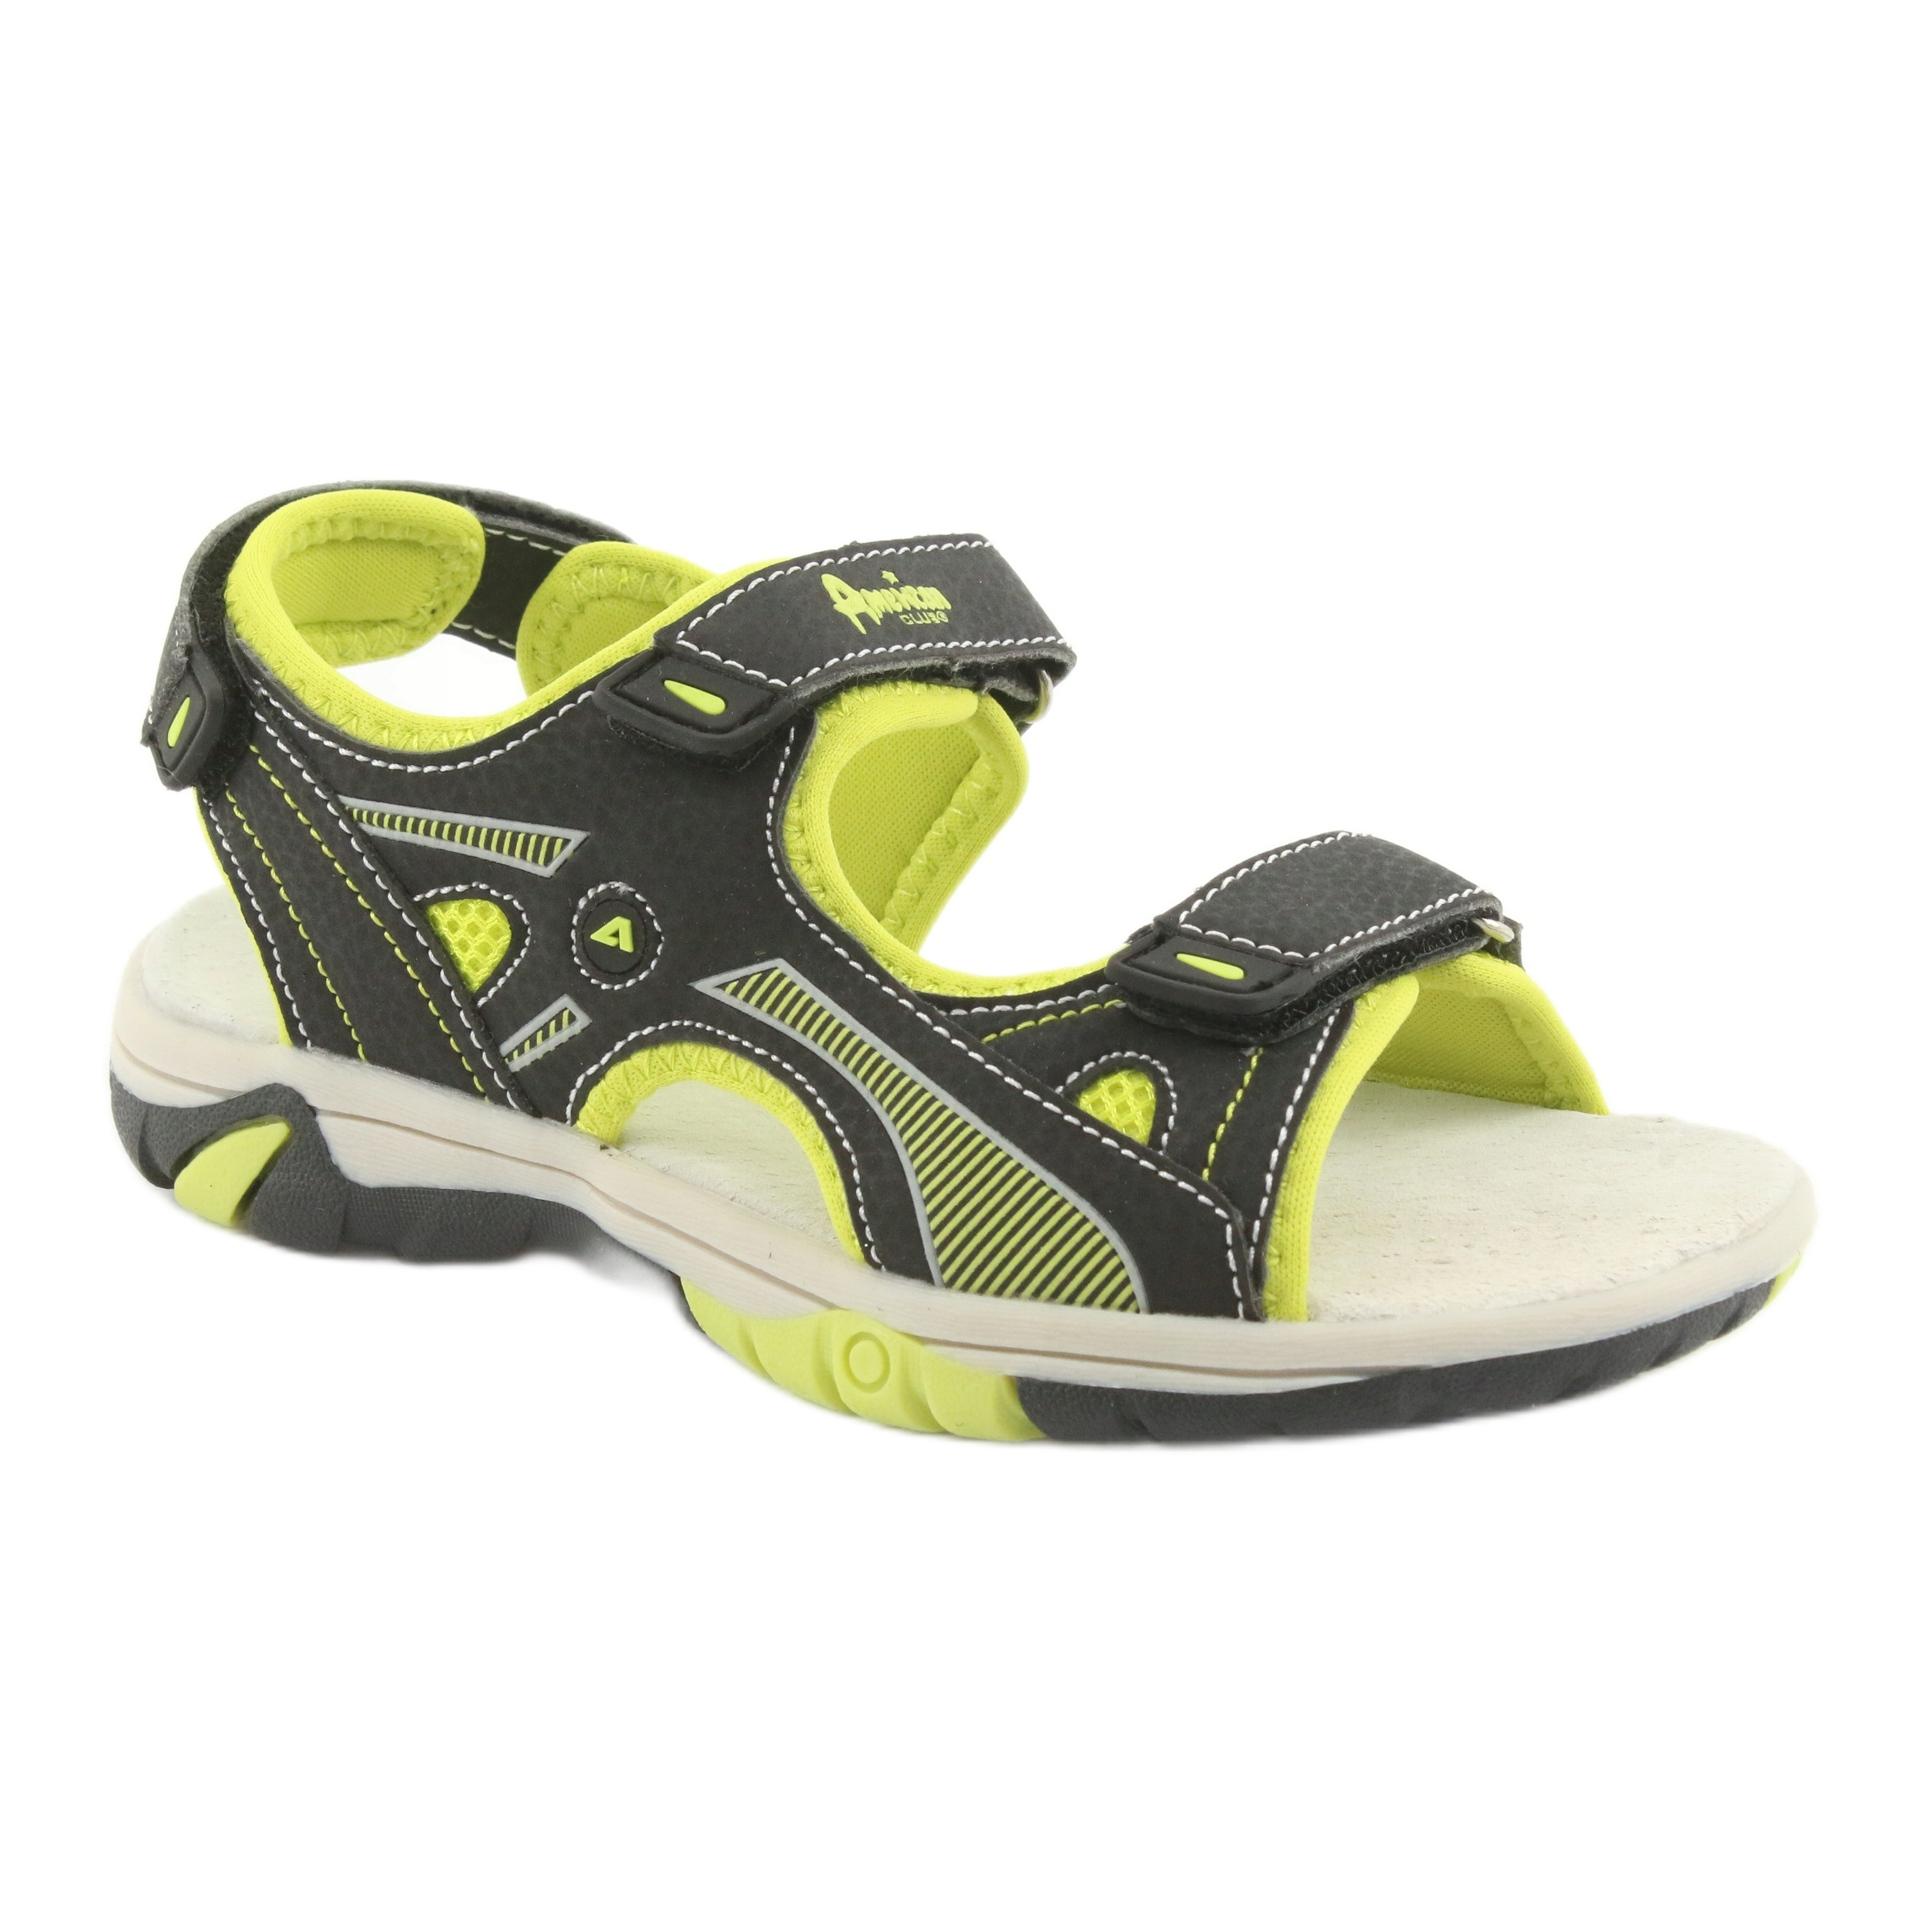 American Club RL22 boys' sandals black green - ButyModne.pl